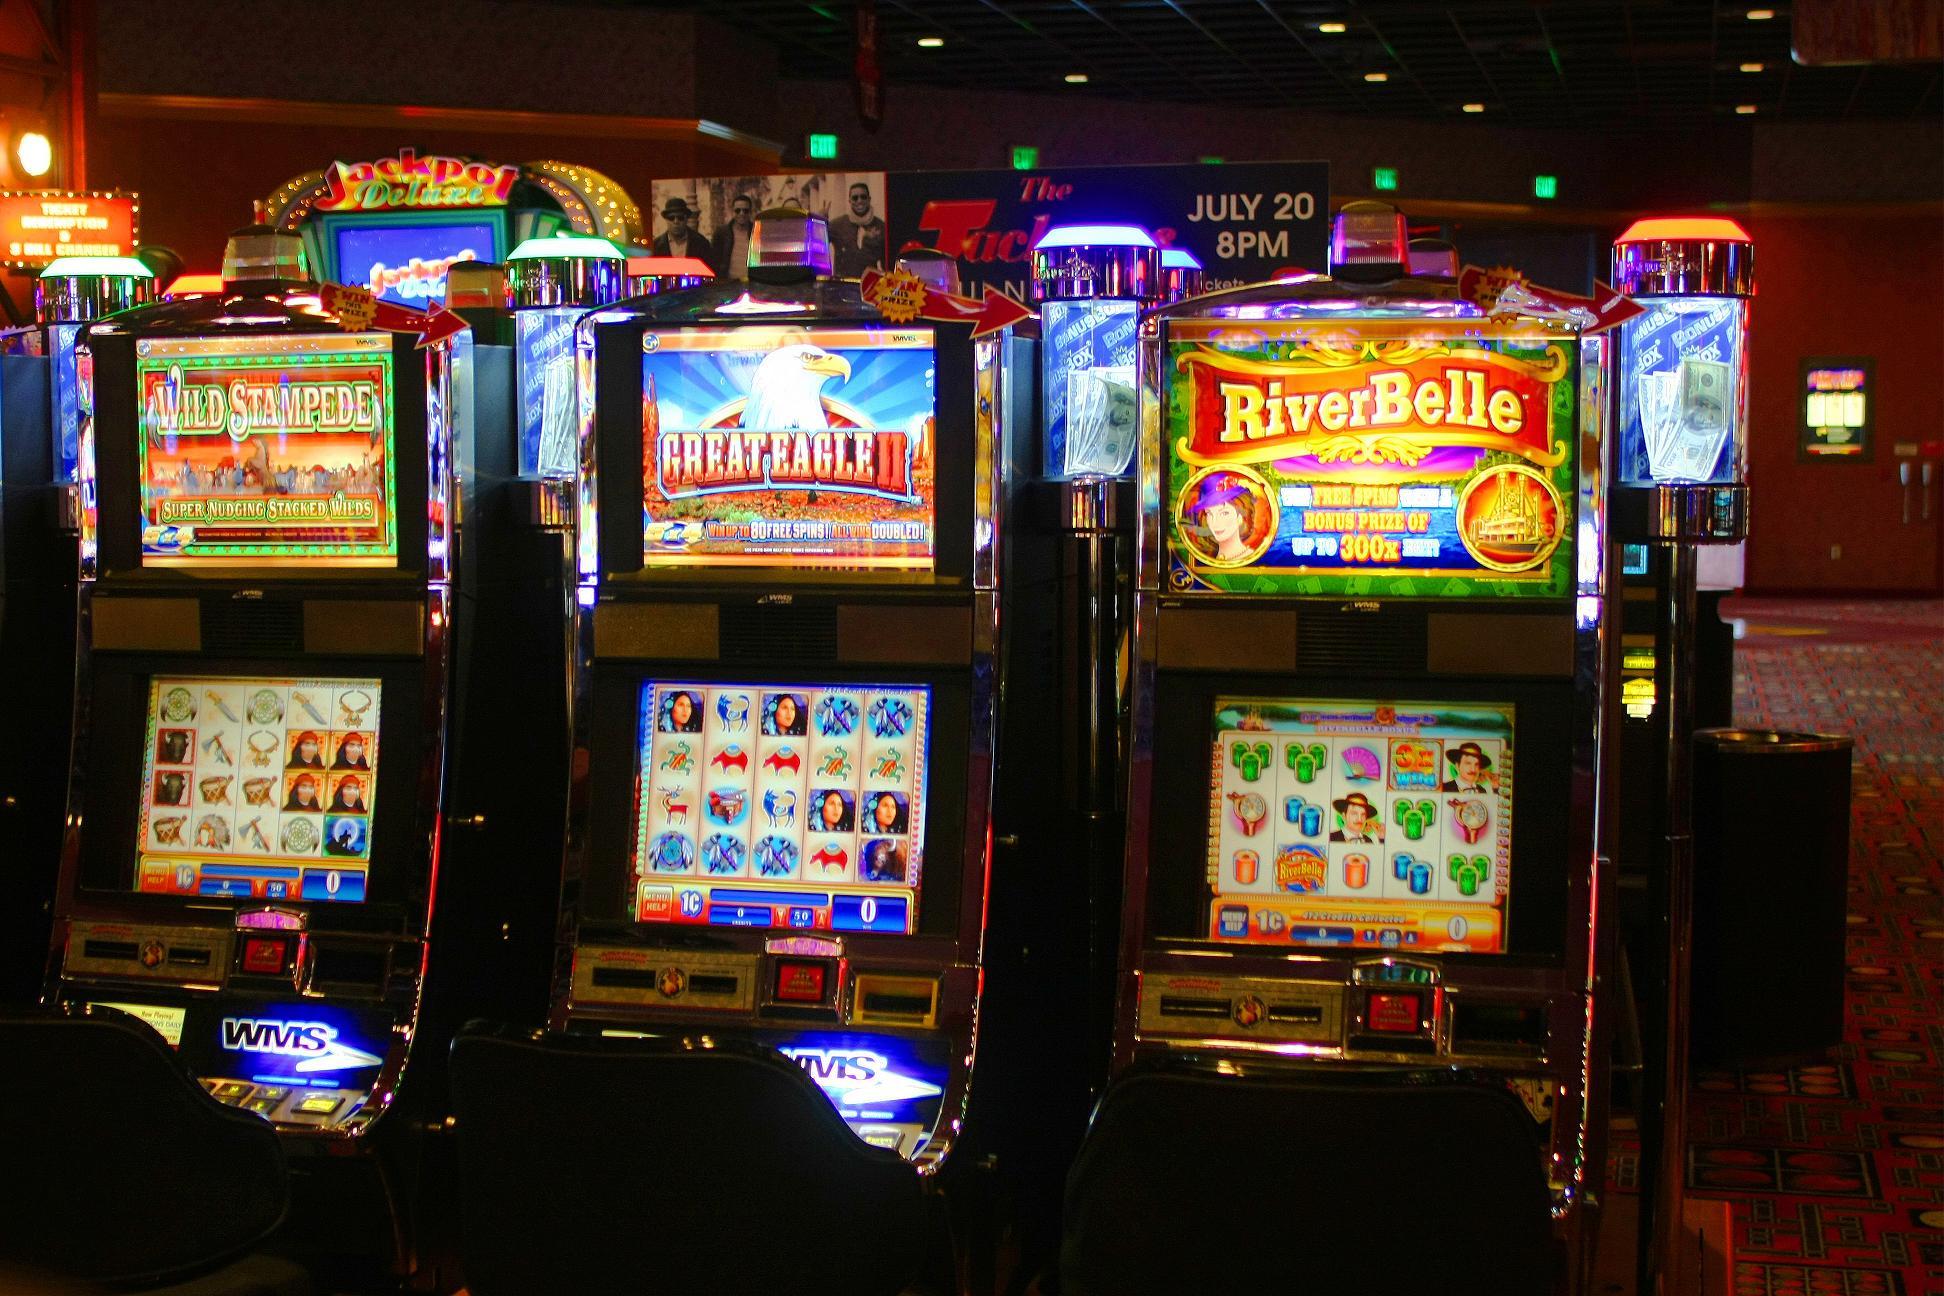 Игровые автоматы в спб 2014 играть в игровые автоматы в онлайне crazy monkey